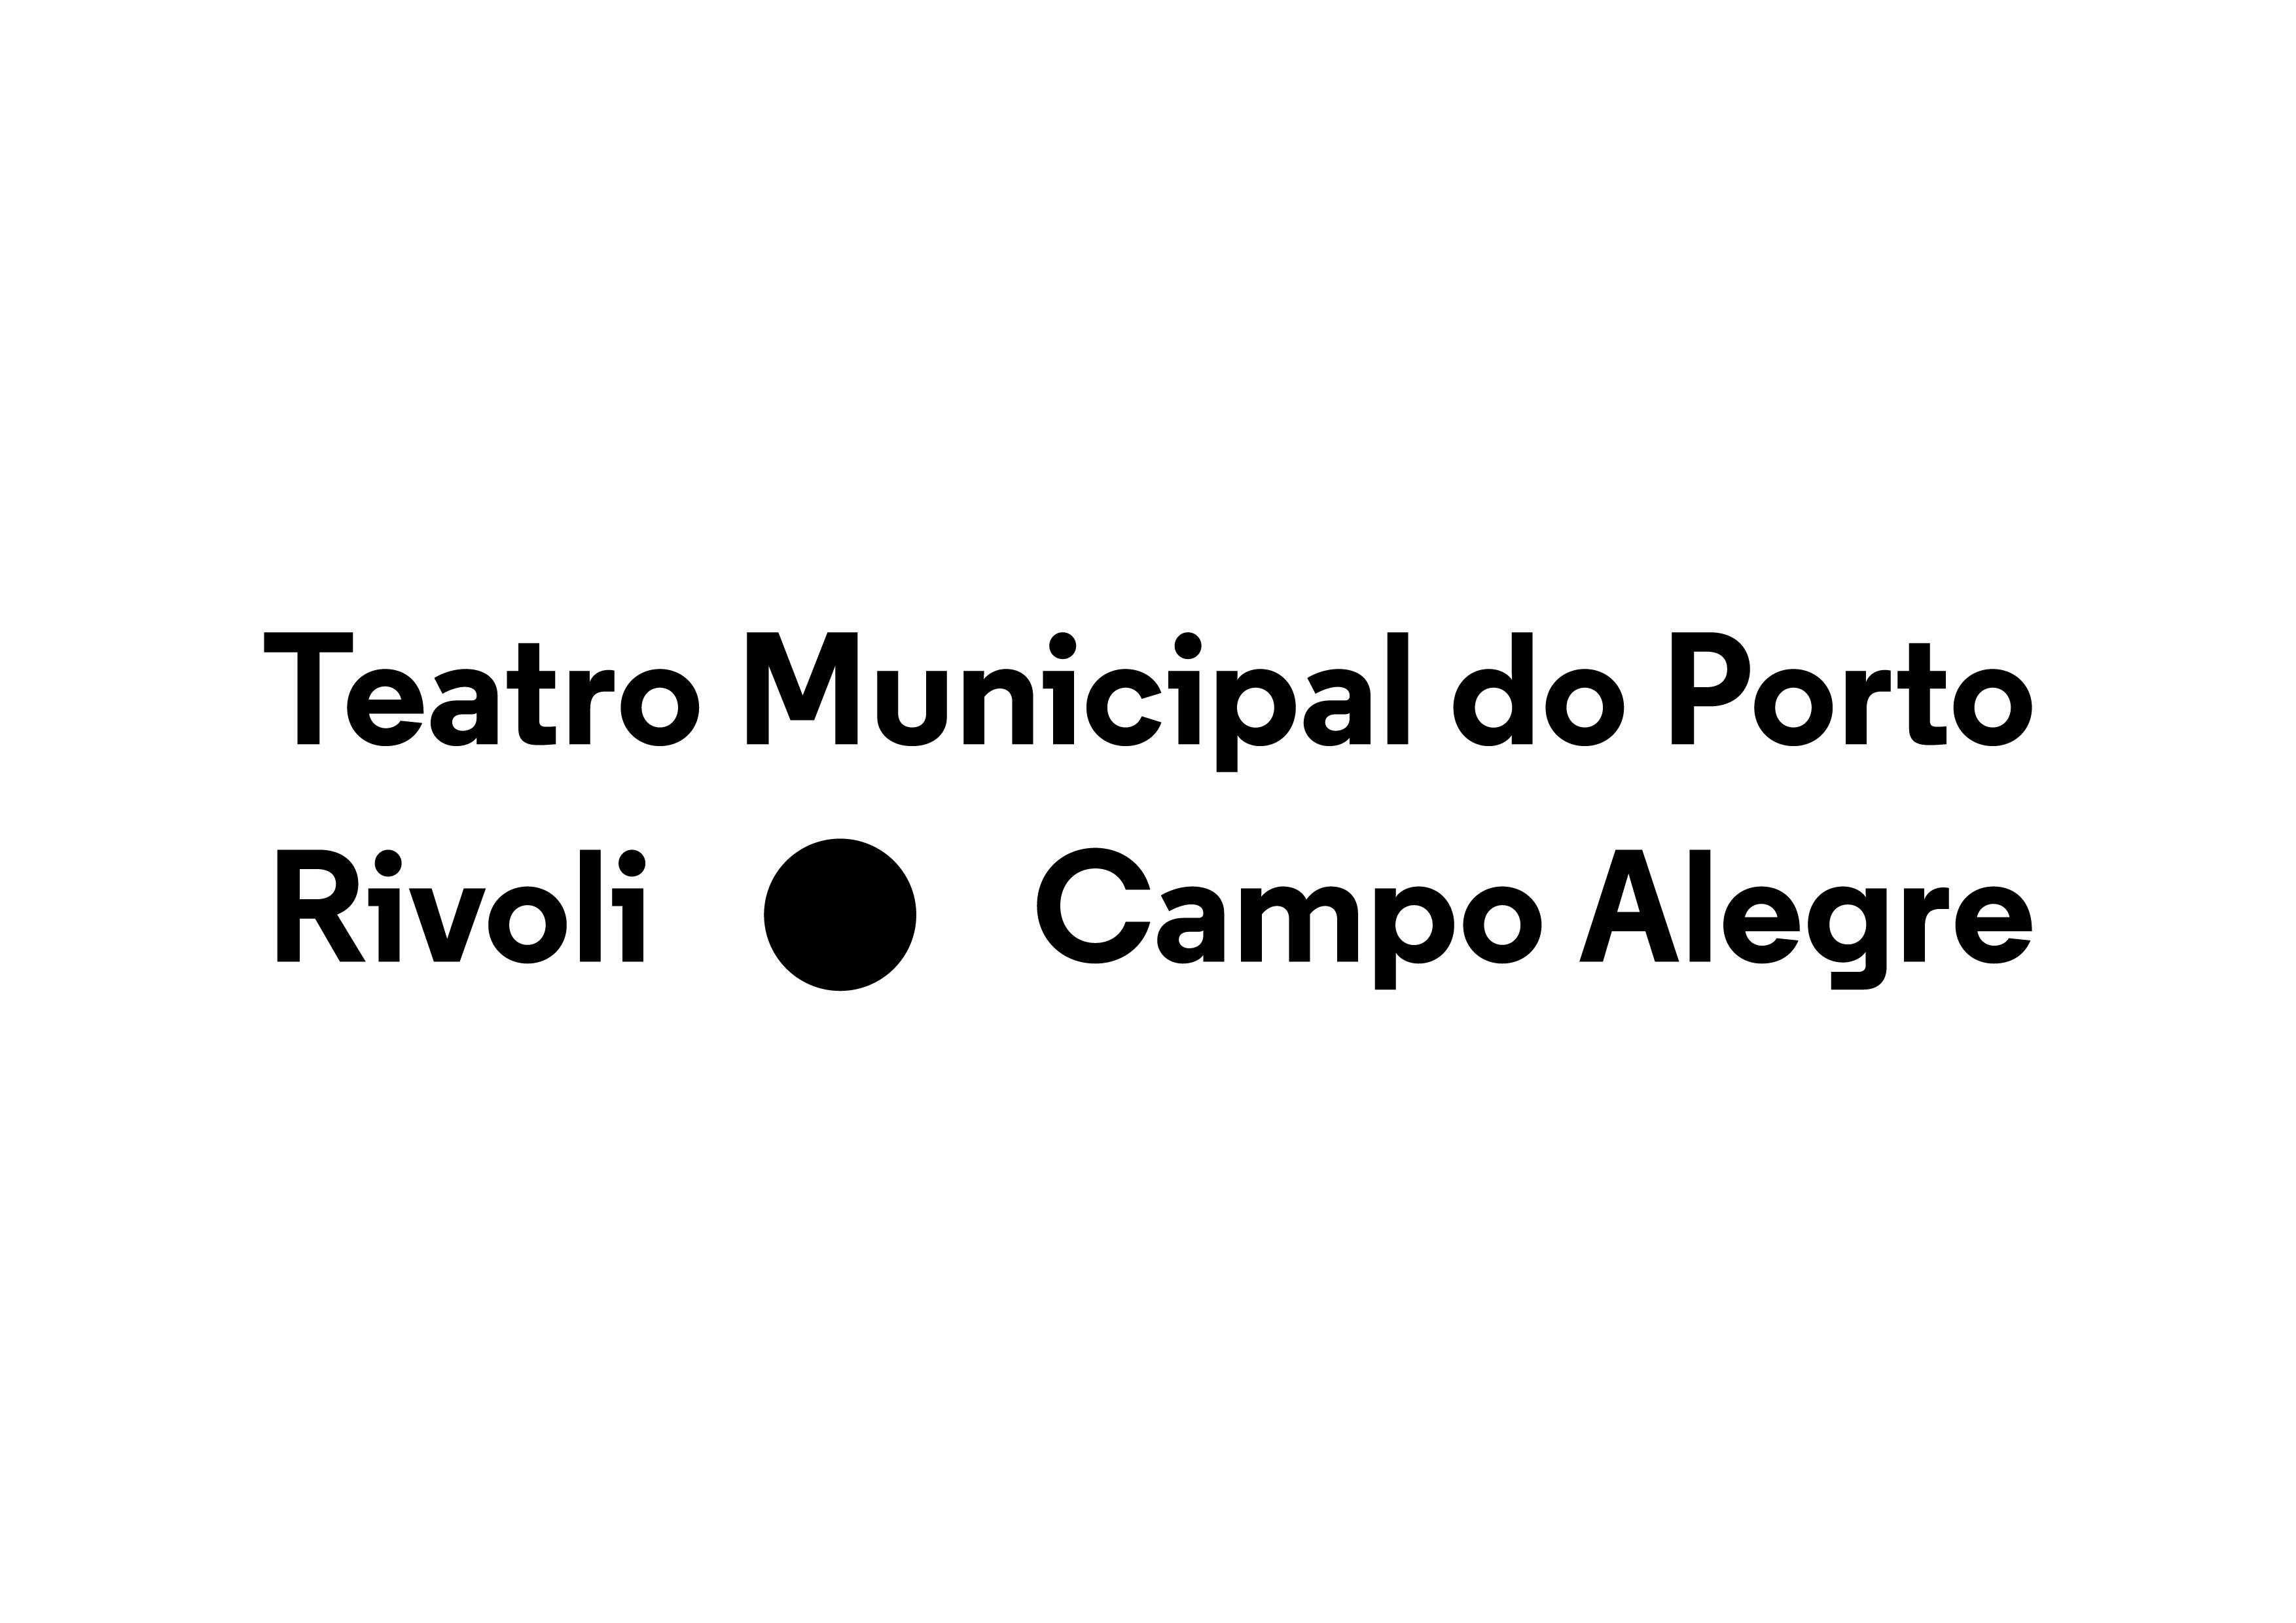 Logo Teatro Municipal do Porto Rivoli - Campo Alegre